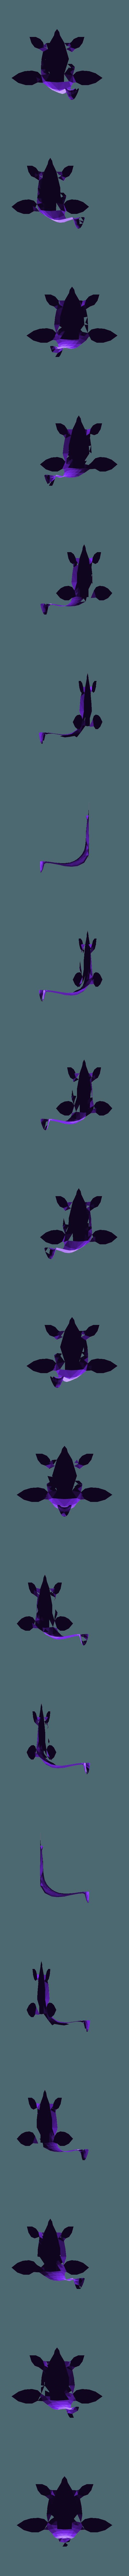 Lapras_Belly.stl Télécharger fichier STL gratuit Lapras - Pokemon 131 • Objet imprimable en 3D, Kahnindustries